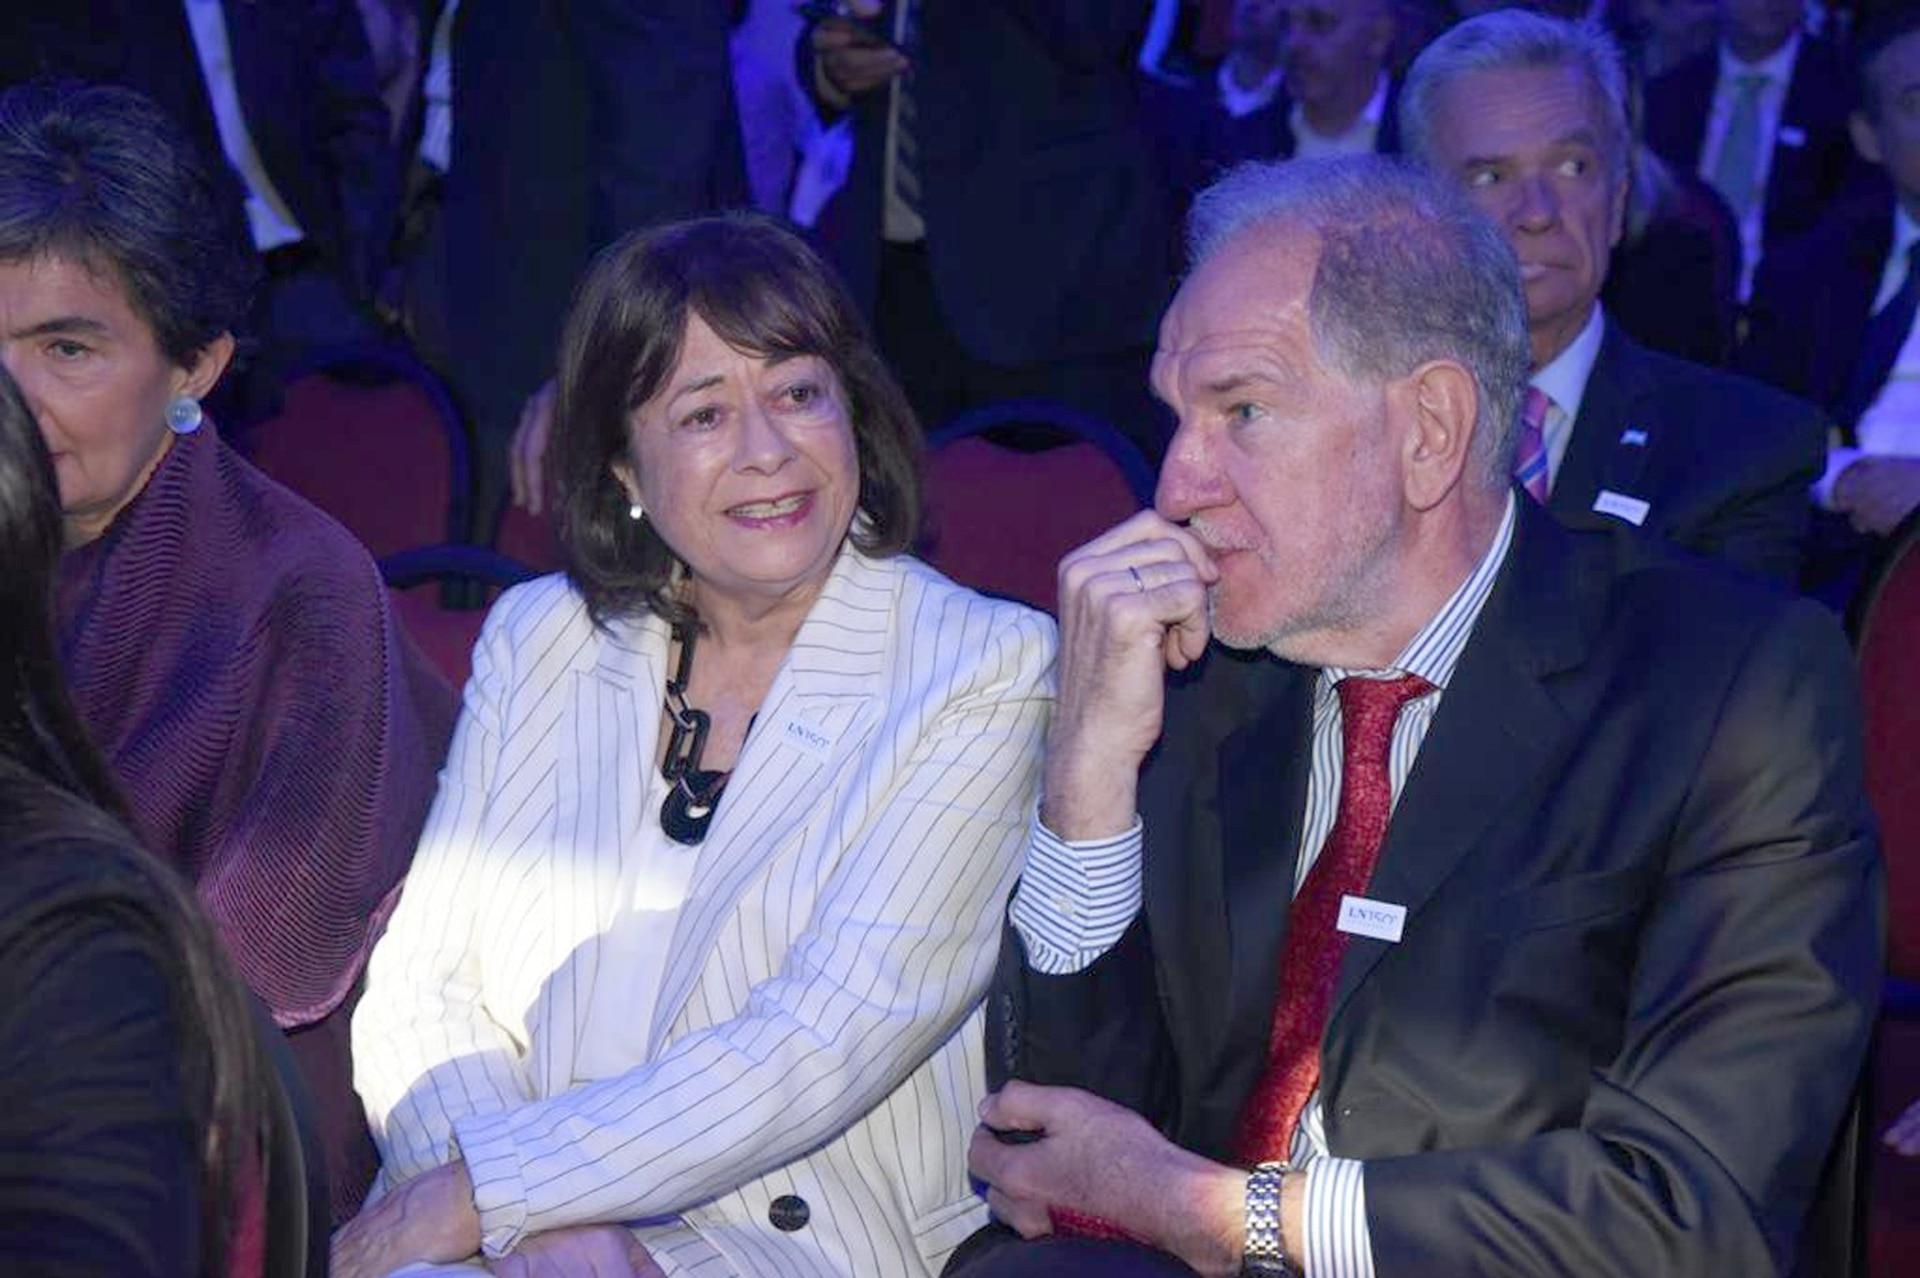 El exdirector de Comunicaciones Corporativas del diario LA NACION, Héctor D Amico, y la escritora María Sáenz Quesada